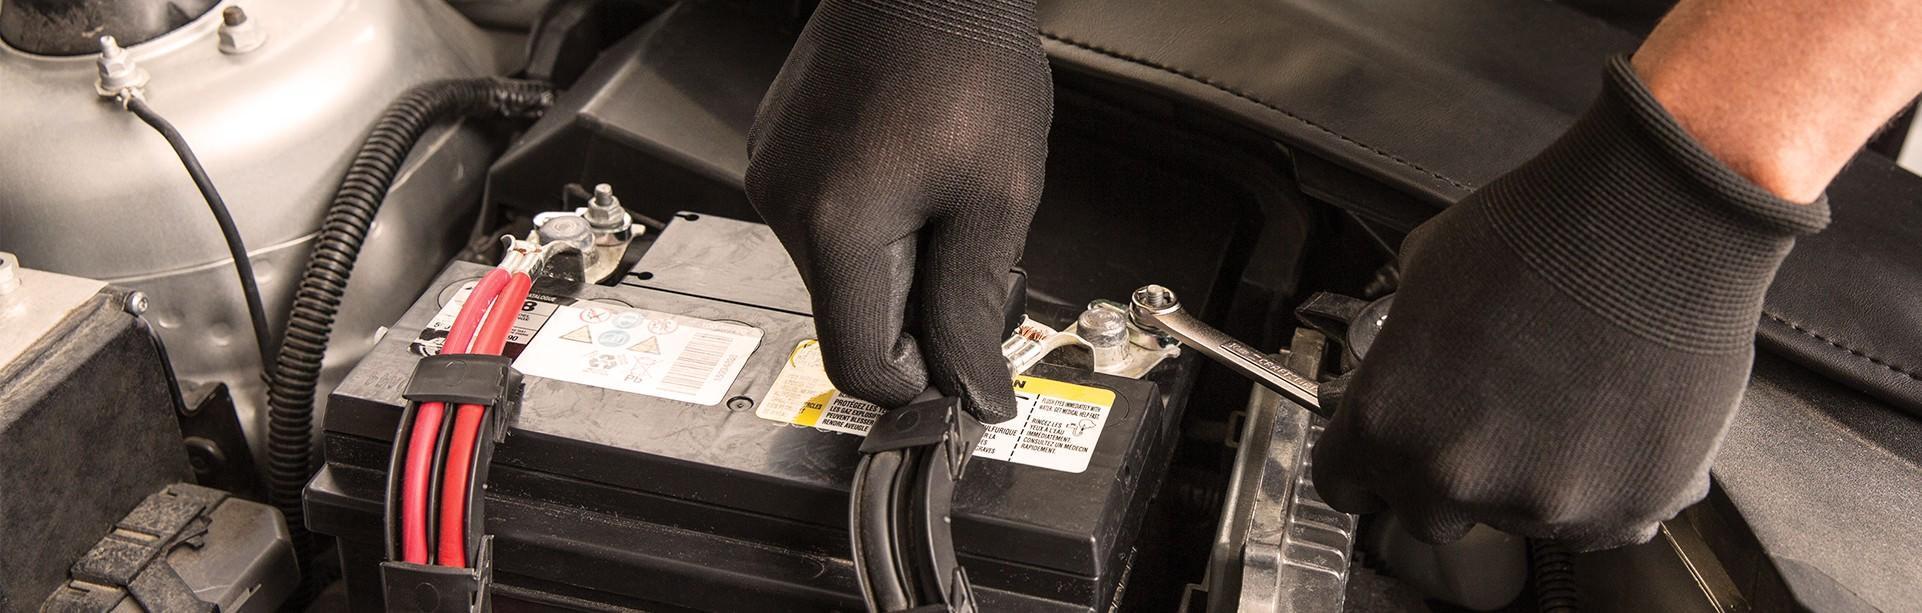 Breakers Truck and Trailer Repair, LLC image 2